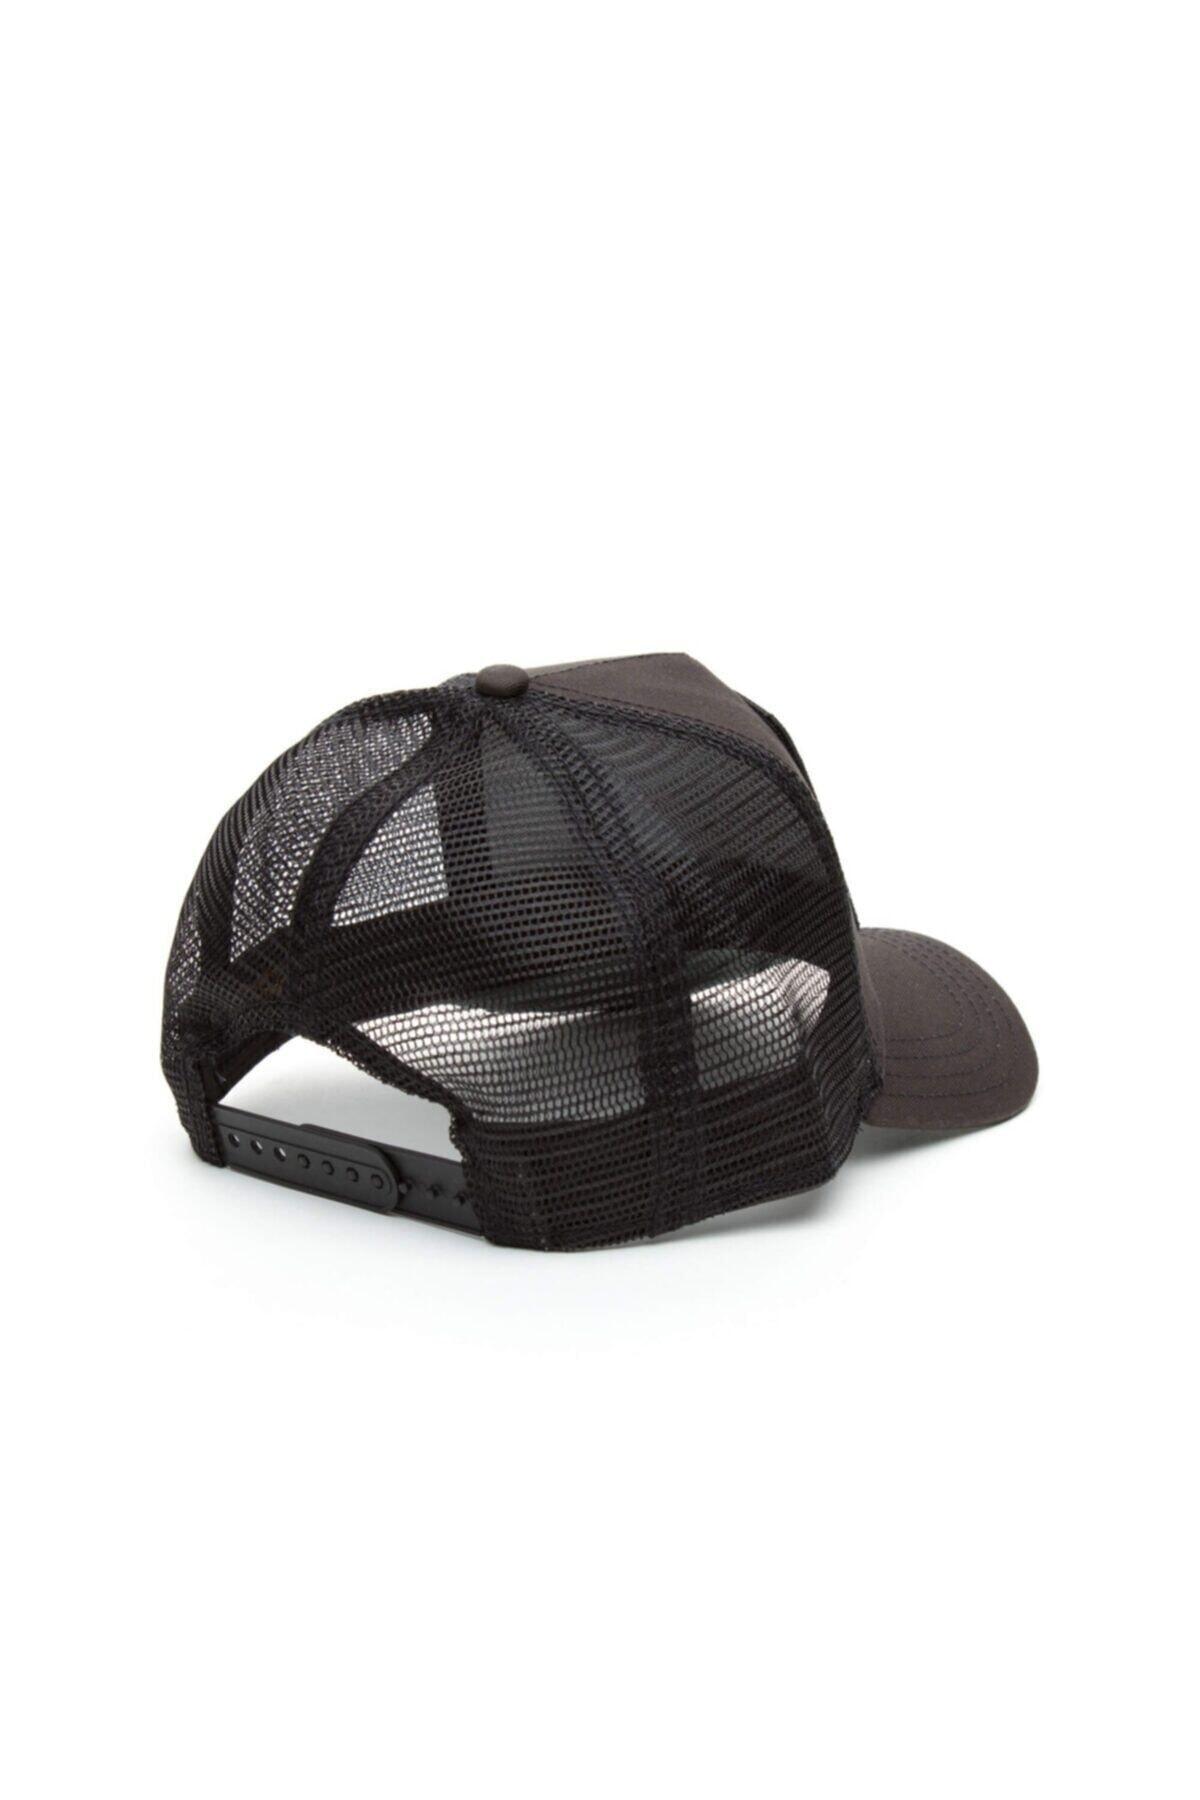 Goorin Bros Goorın Bros Unısex Şapka 101-9991 2